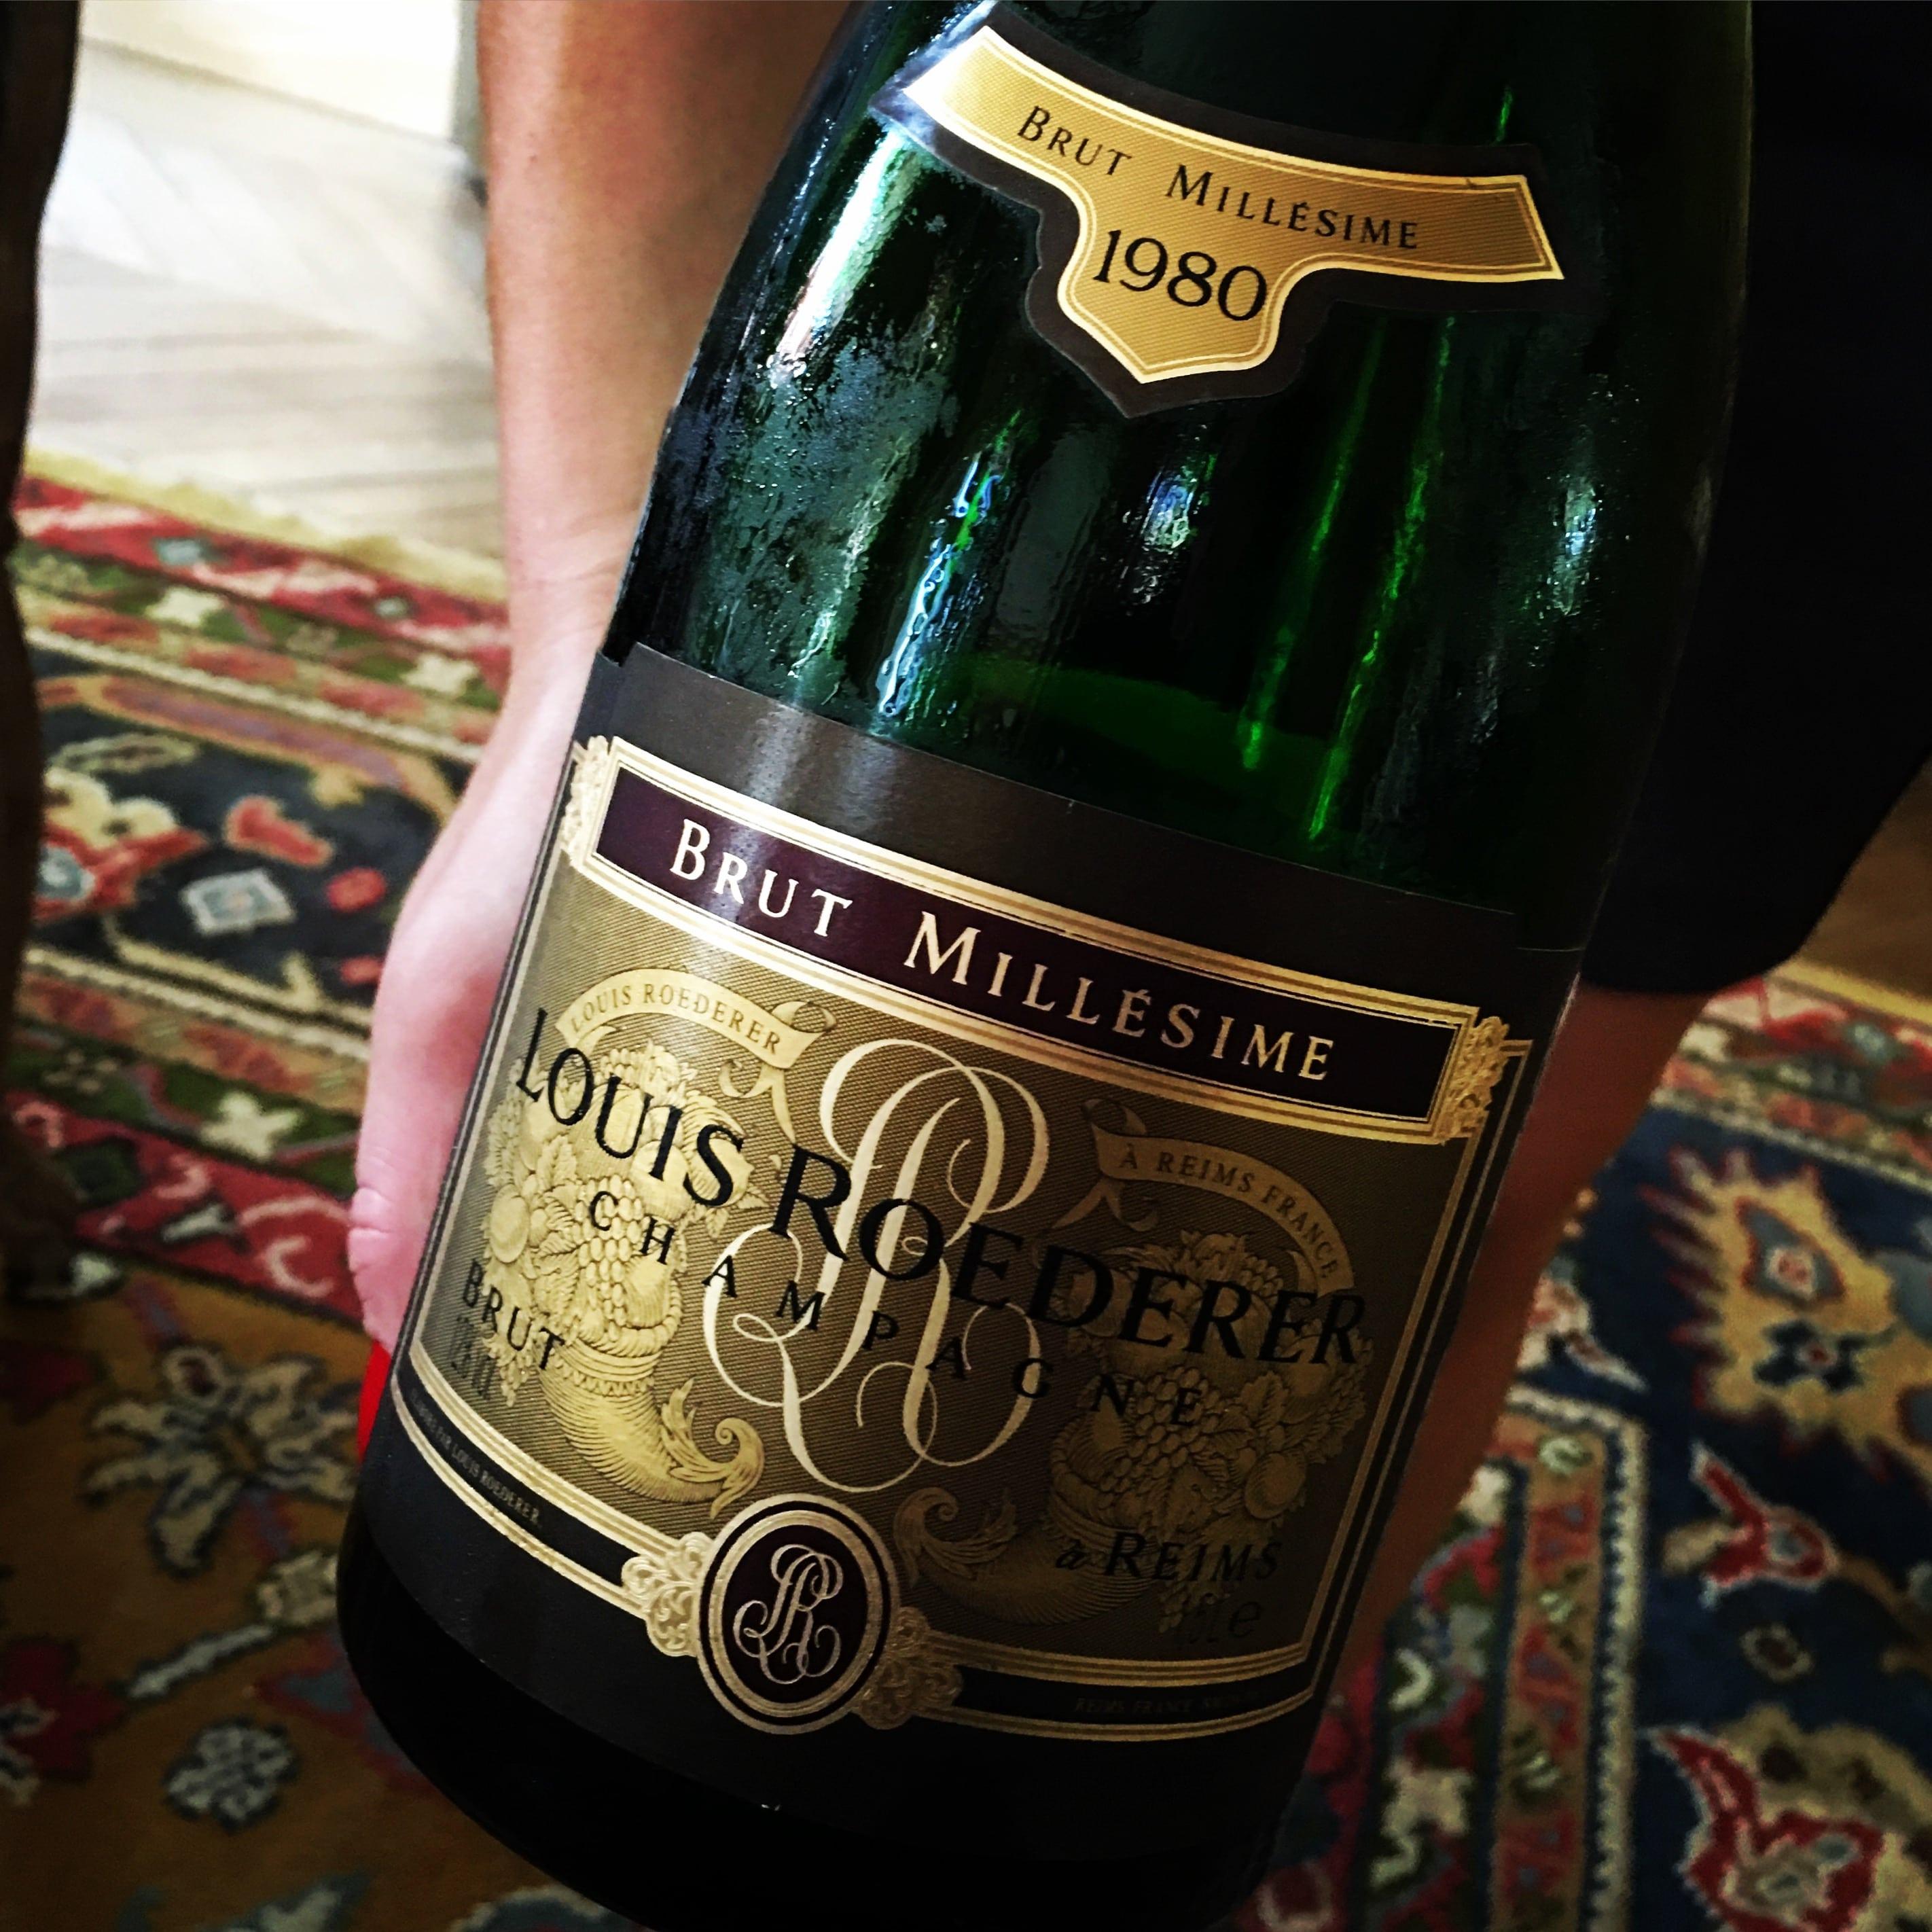 Louis Roederer Champagne Brut Millésimé 1980